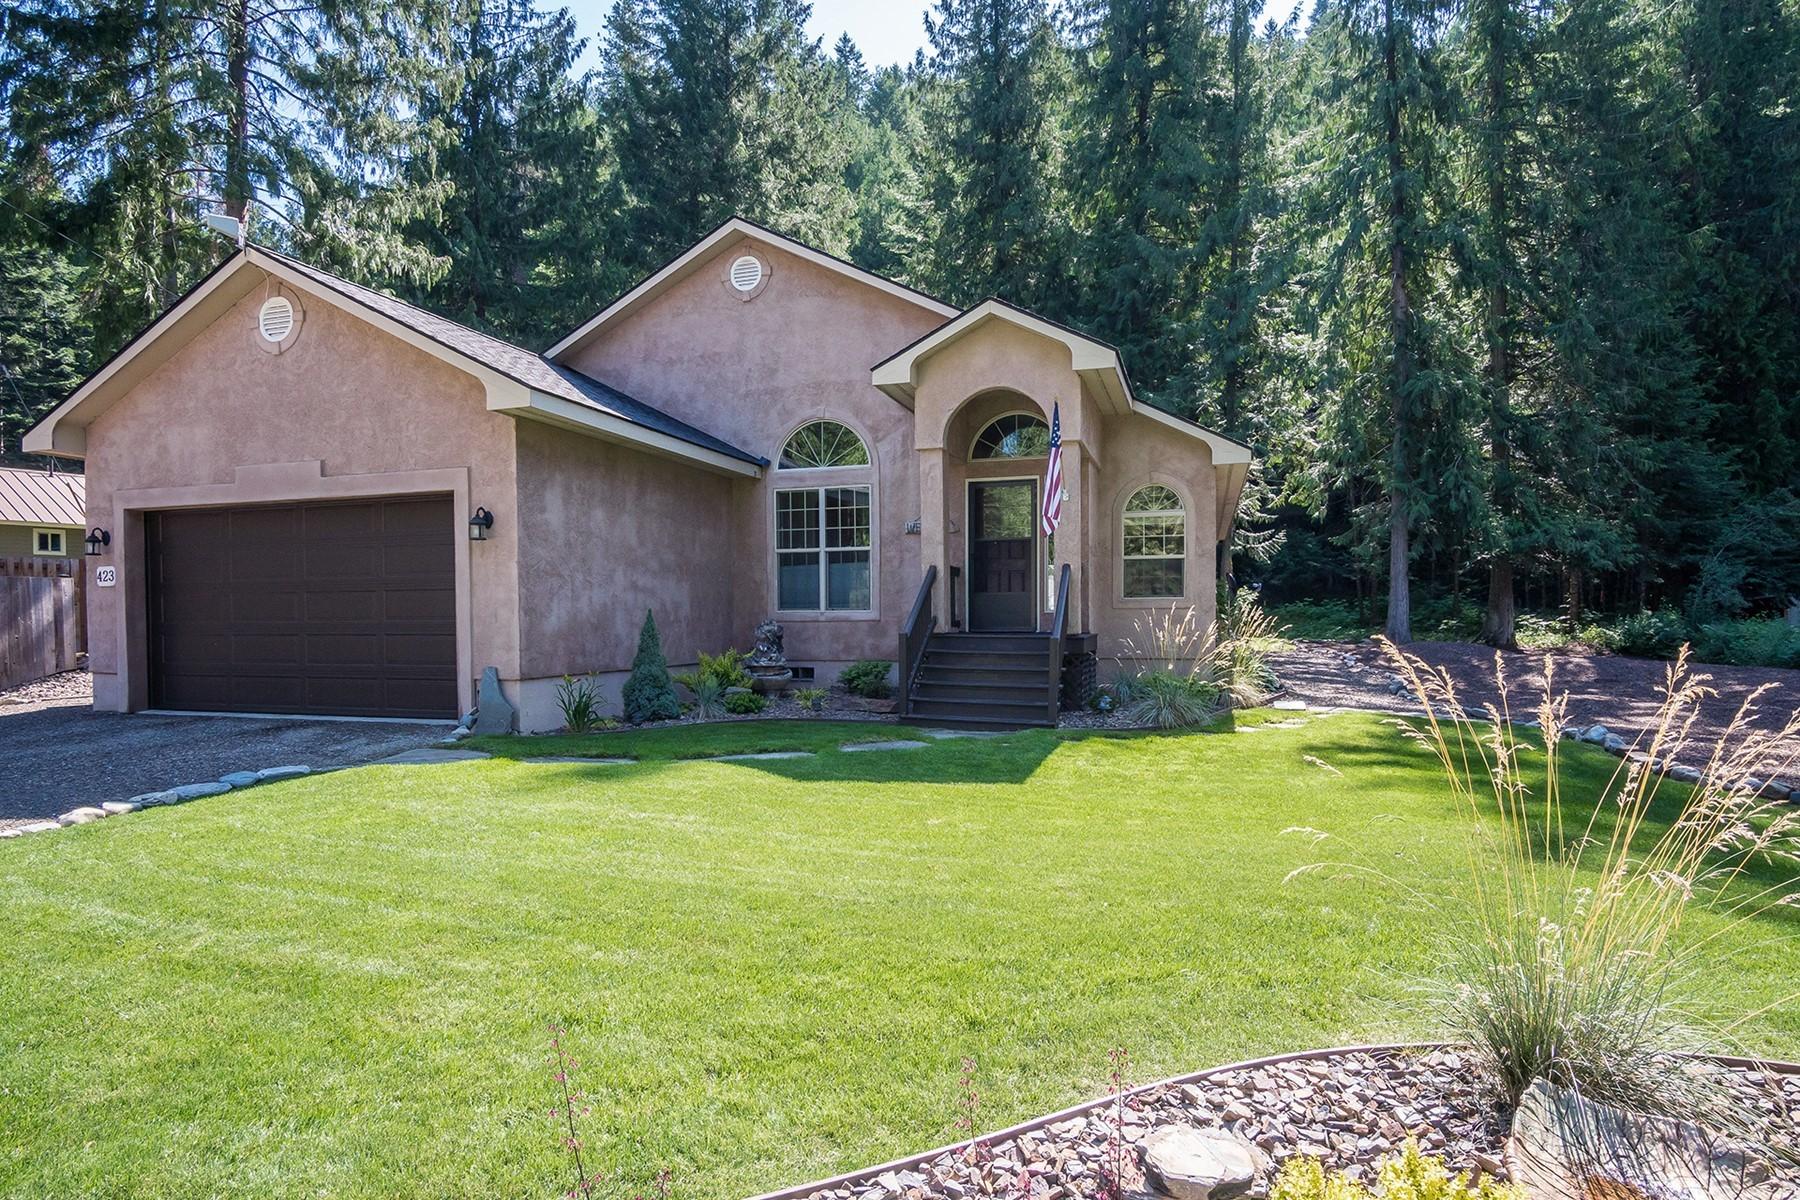 Single Family Homes pour l Vente à Tranquil Mountain Sanctuary 423 Creekside Ln Hope, Idaho 83836 États-Unis